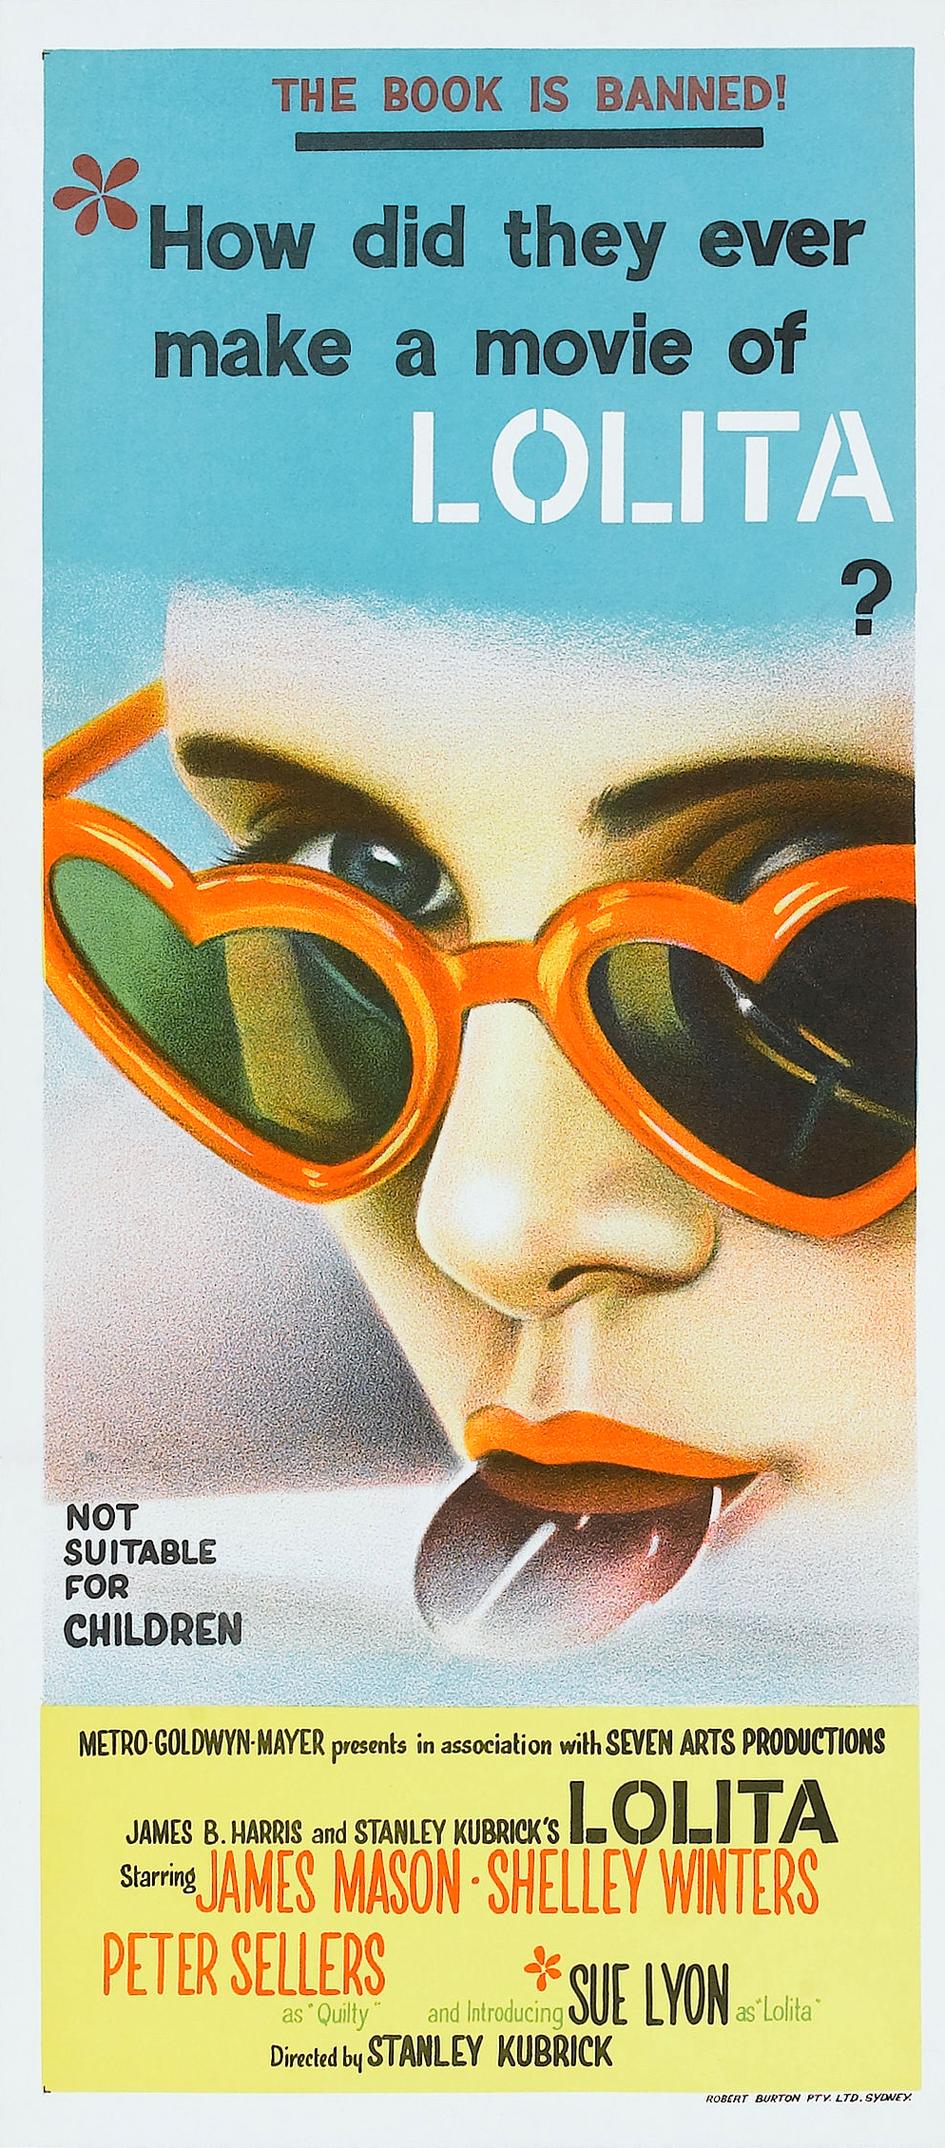 http://2.bp.blogspot.com/_7J_WGI7Jygw/TKMTwSfNrBI/AAAAAAAAFOo/NlzUmicgCOM/s0/Lolita-Day-Bill-AUS-01.jpg